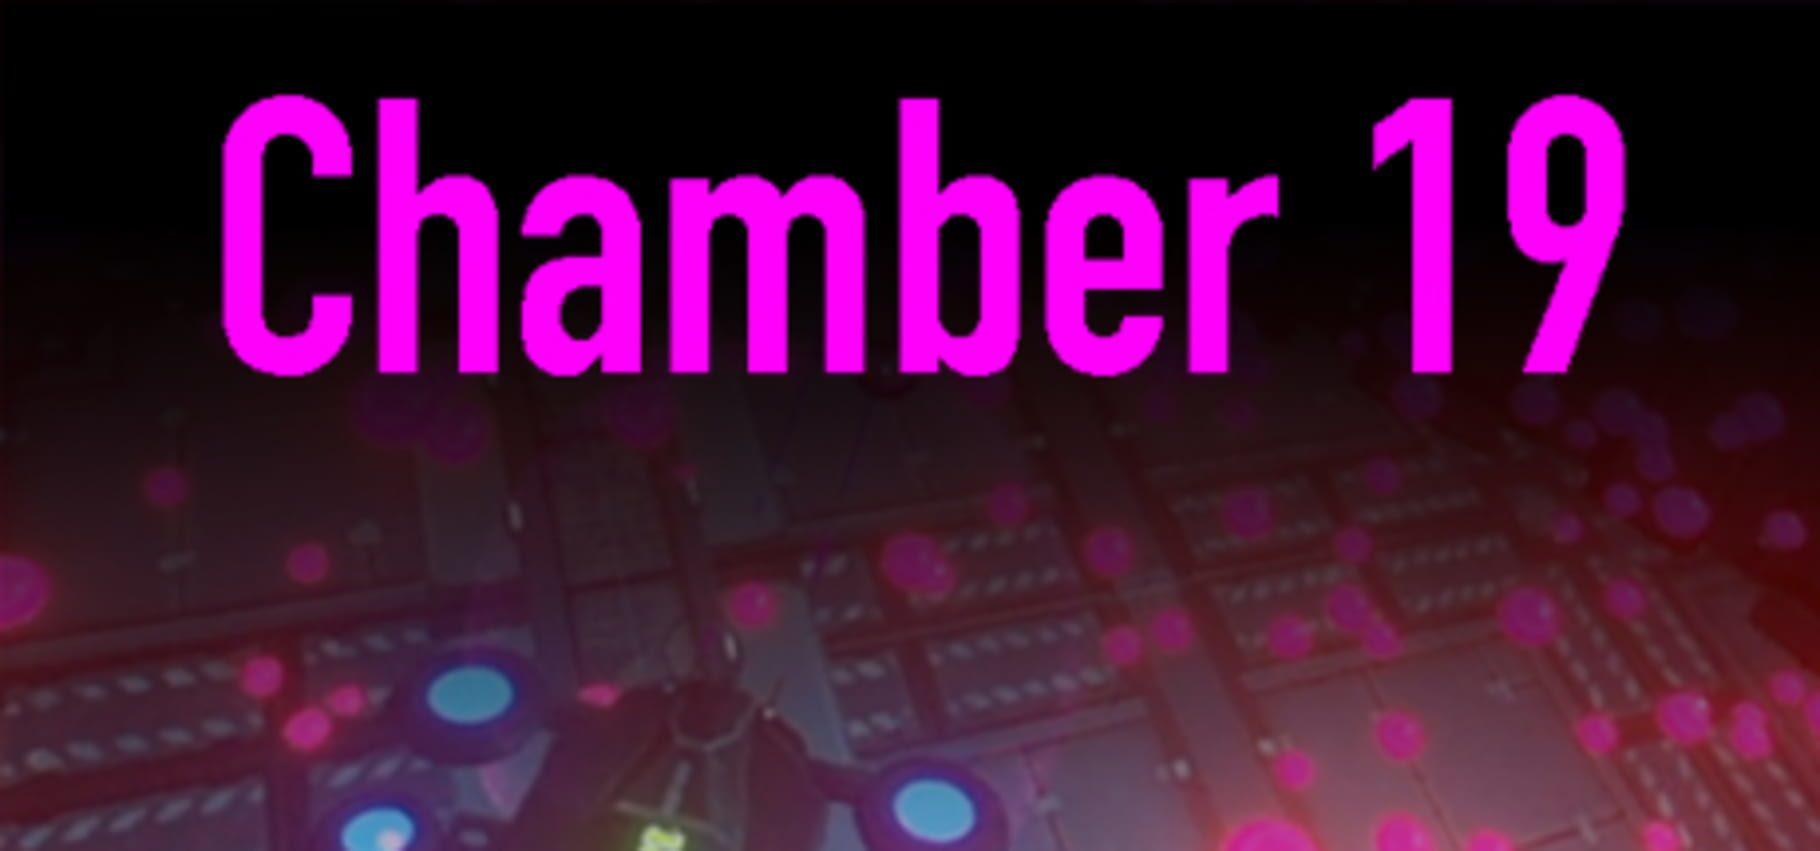 buy Chamber 19 cd key for all platform